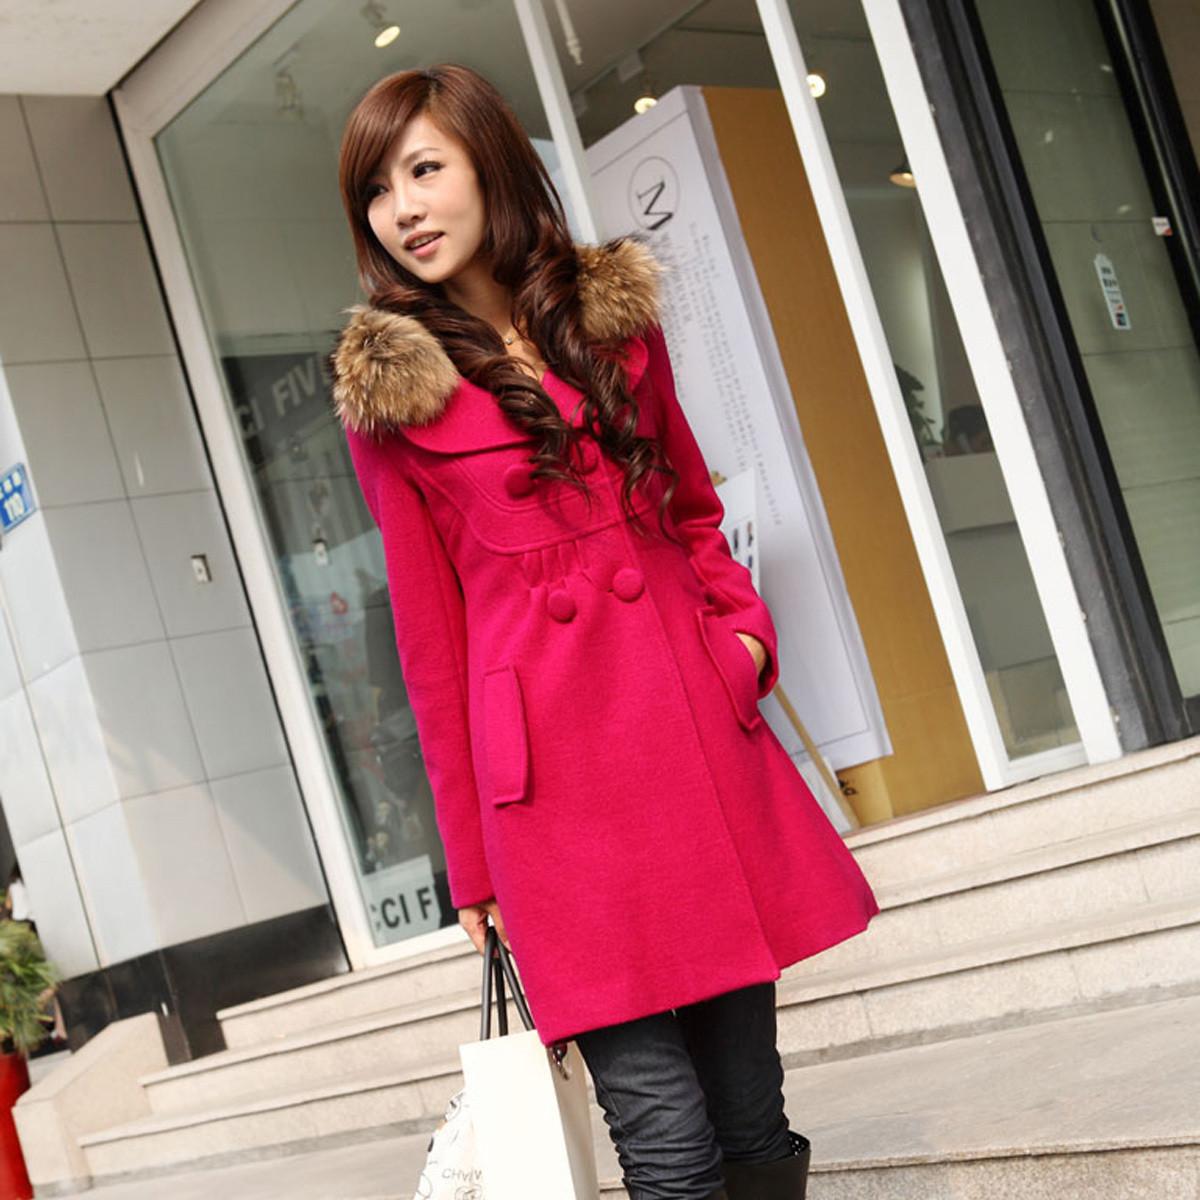 женское пальто [Бесплатная электронная] 2012 новые женщины тонкий двубортные зимних пальто меховой воротник шерстяной ткани шерсти пальто